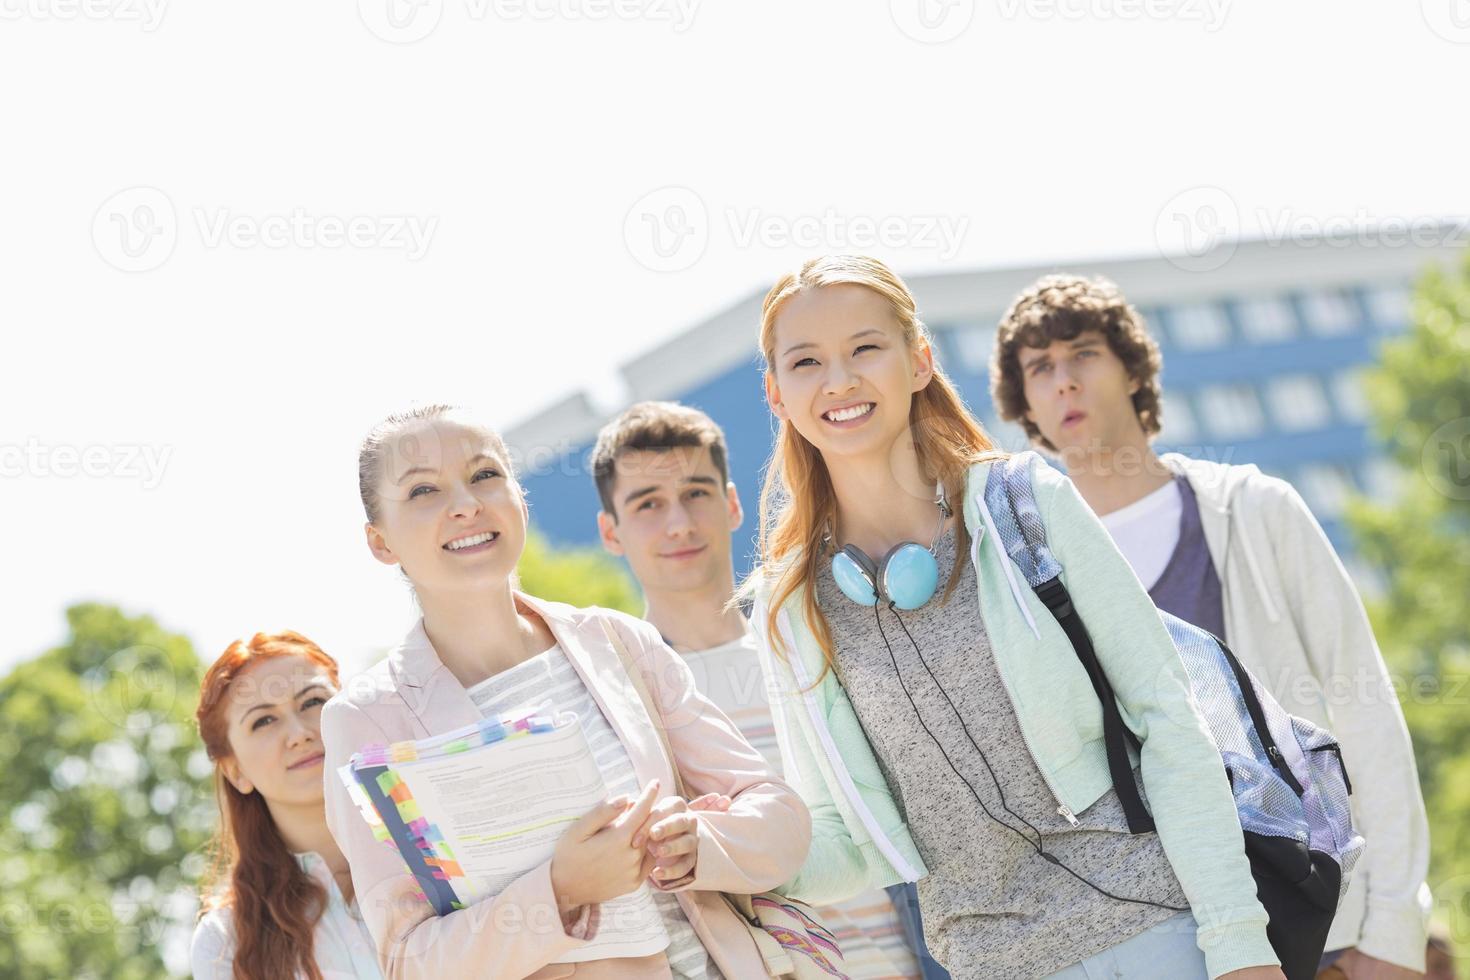 le unga studenter som står tillsammans på college campus foto